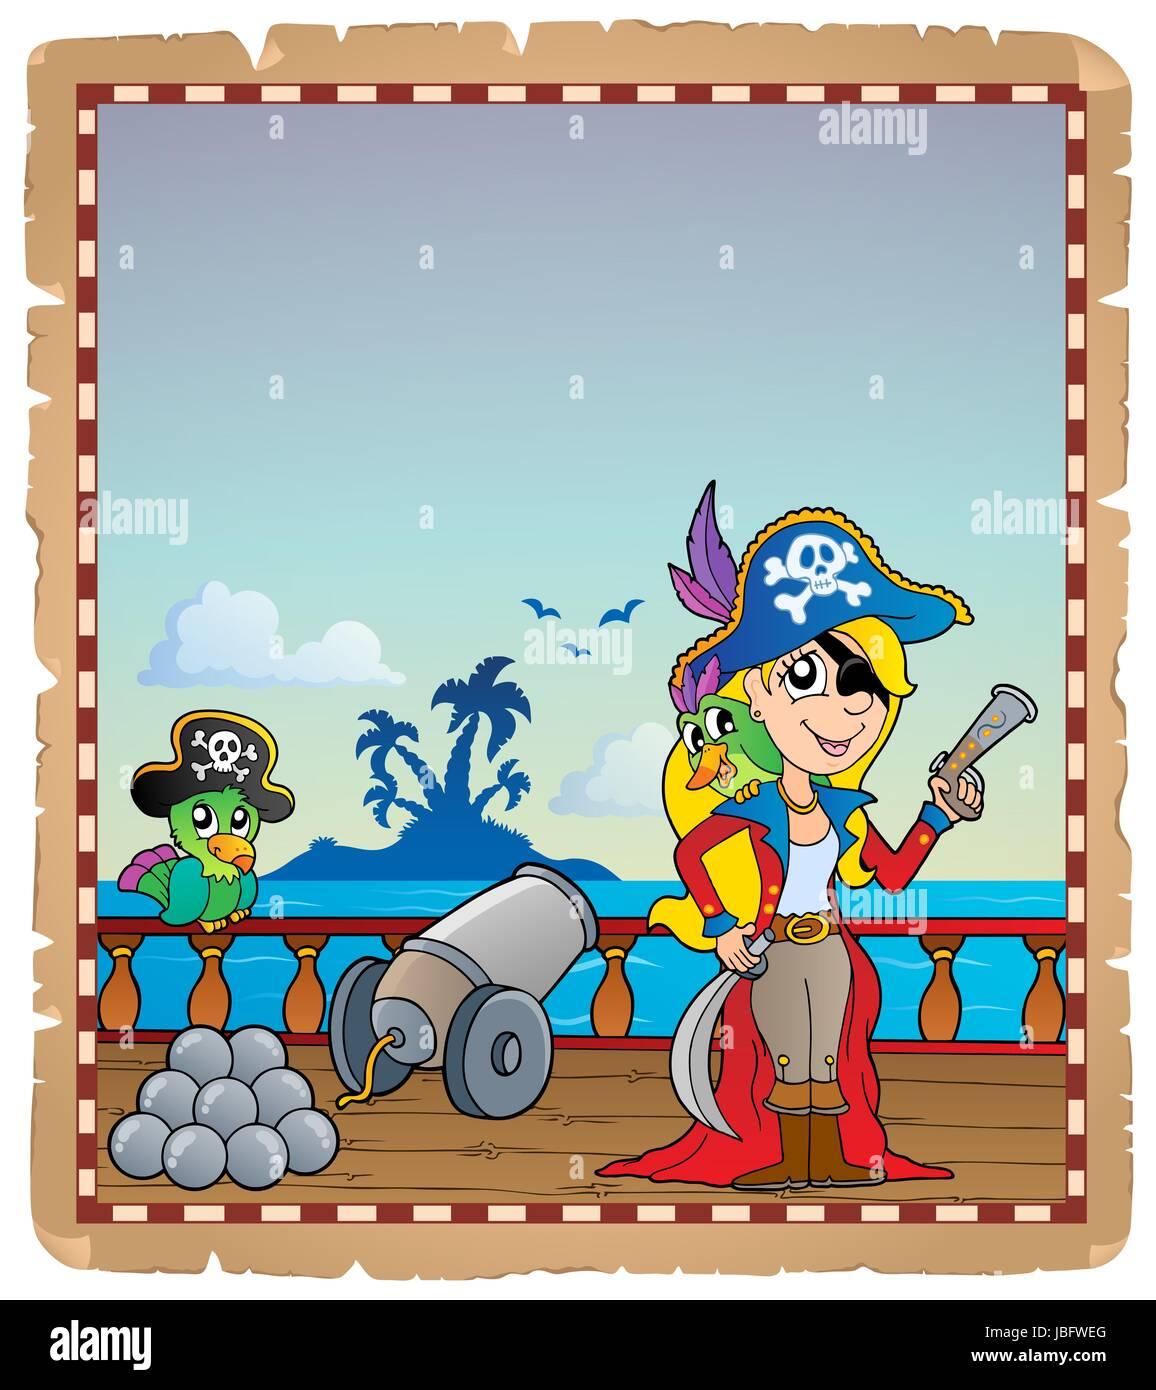 Pergament mit Piraten Schiffsdeck 4 - Bild-Darstellung. Stockbild